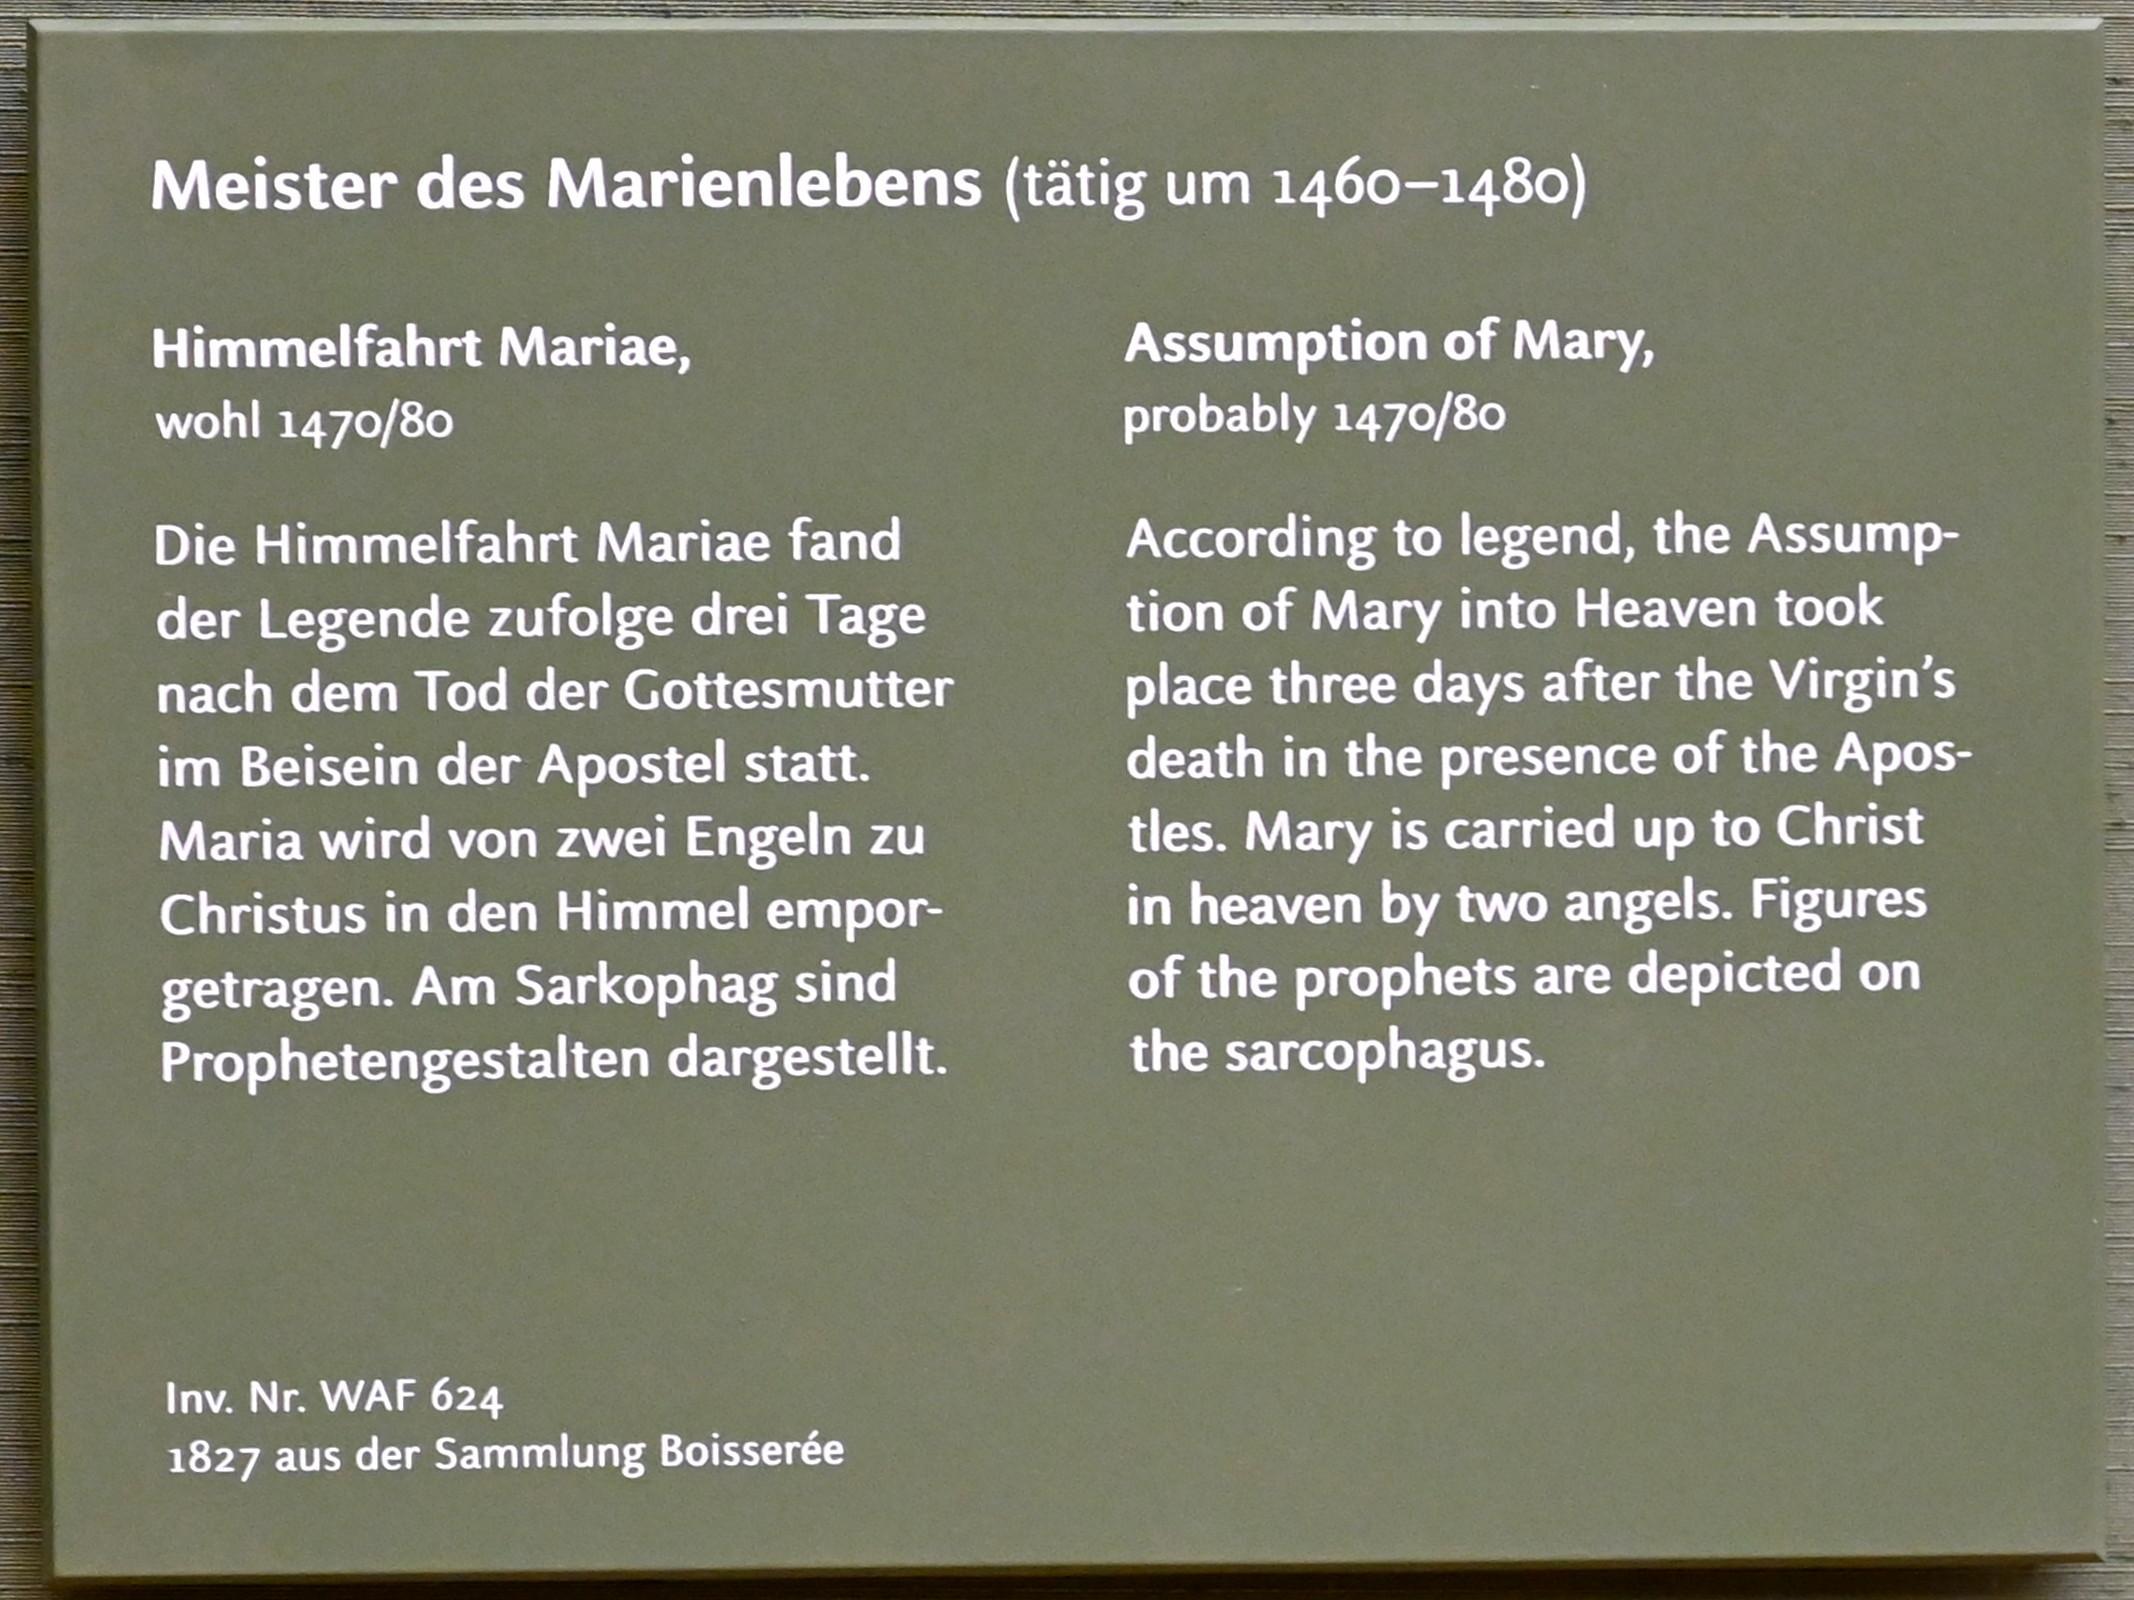 Meister des Marienlebens: Himmelfahrt Mariae, um 1470 - 1480, Bild 2/3